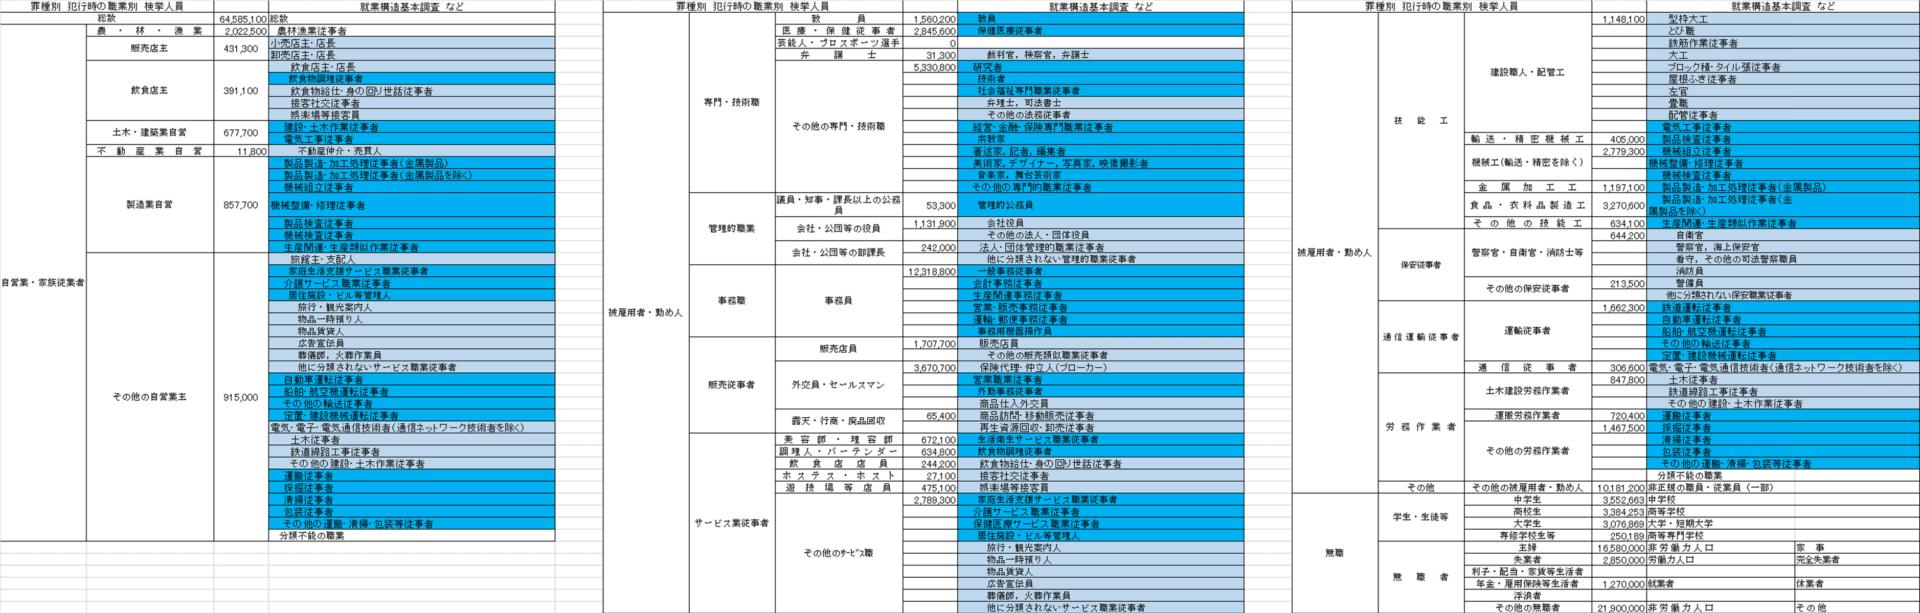 41 罪種別 犯行時の - npa.go.jp